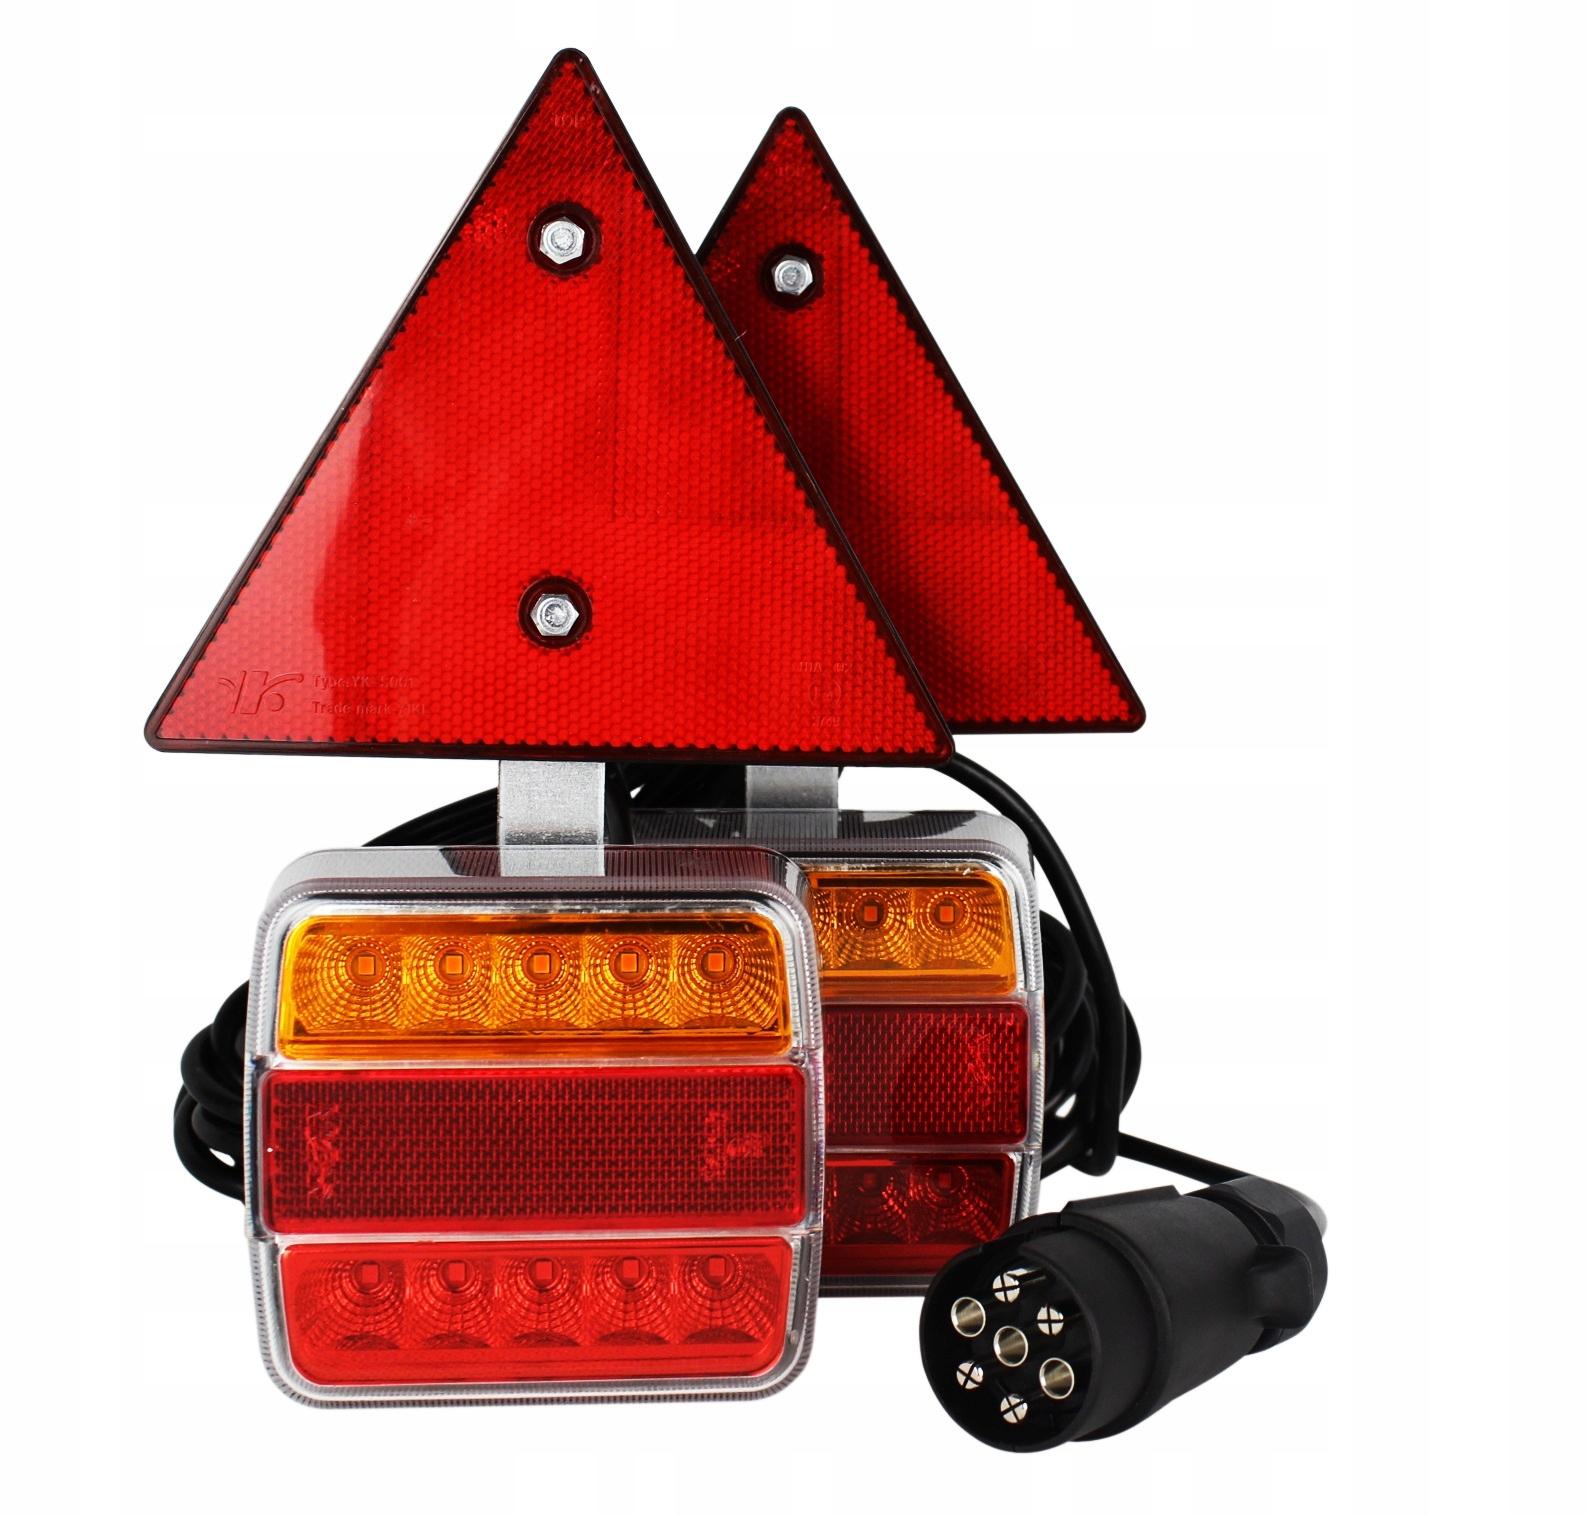 лампы задние комплексные led магнит треугольник прицепа